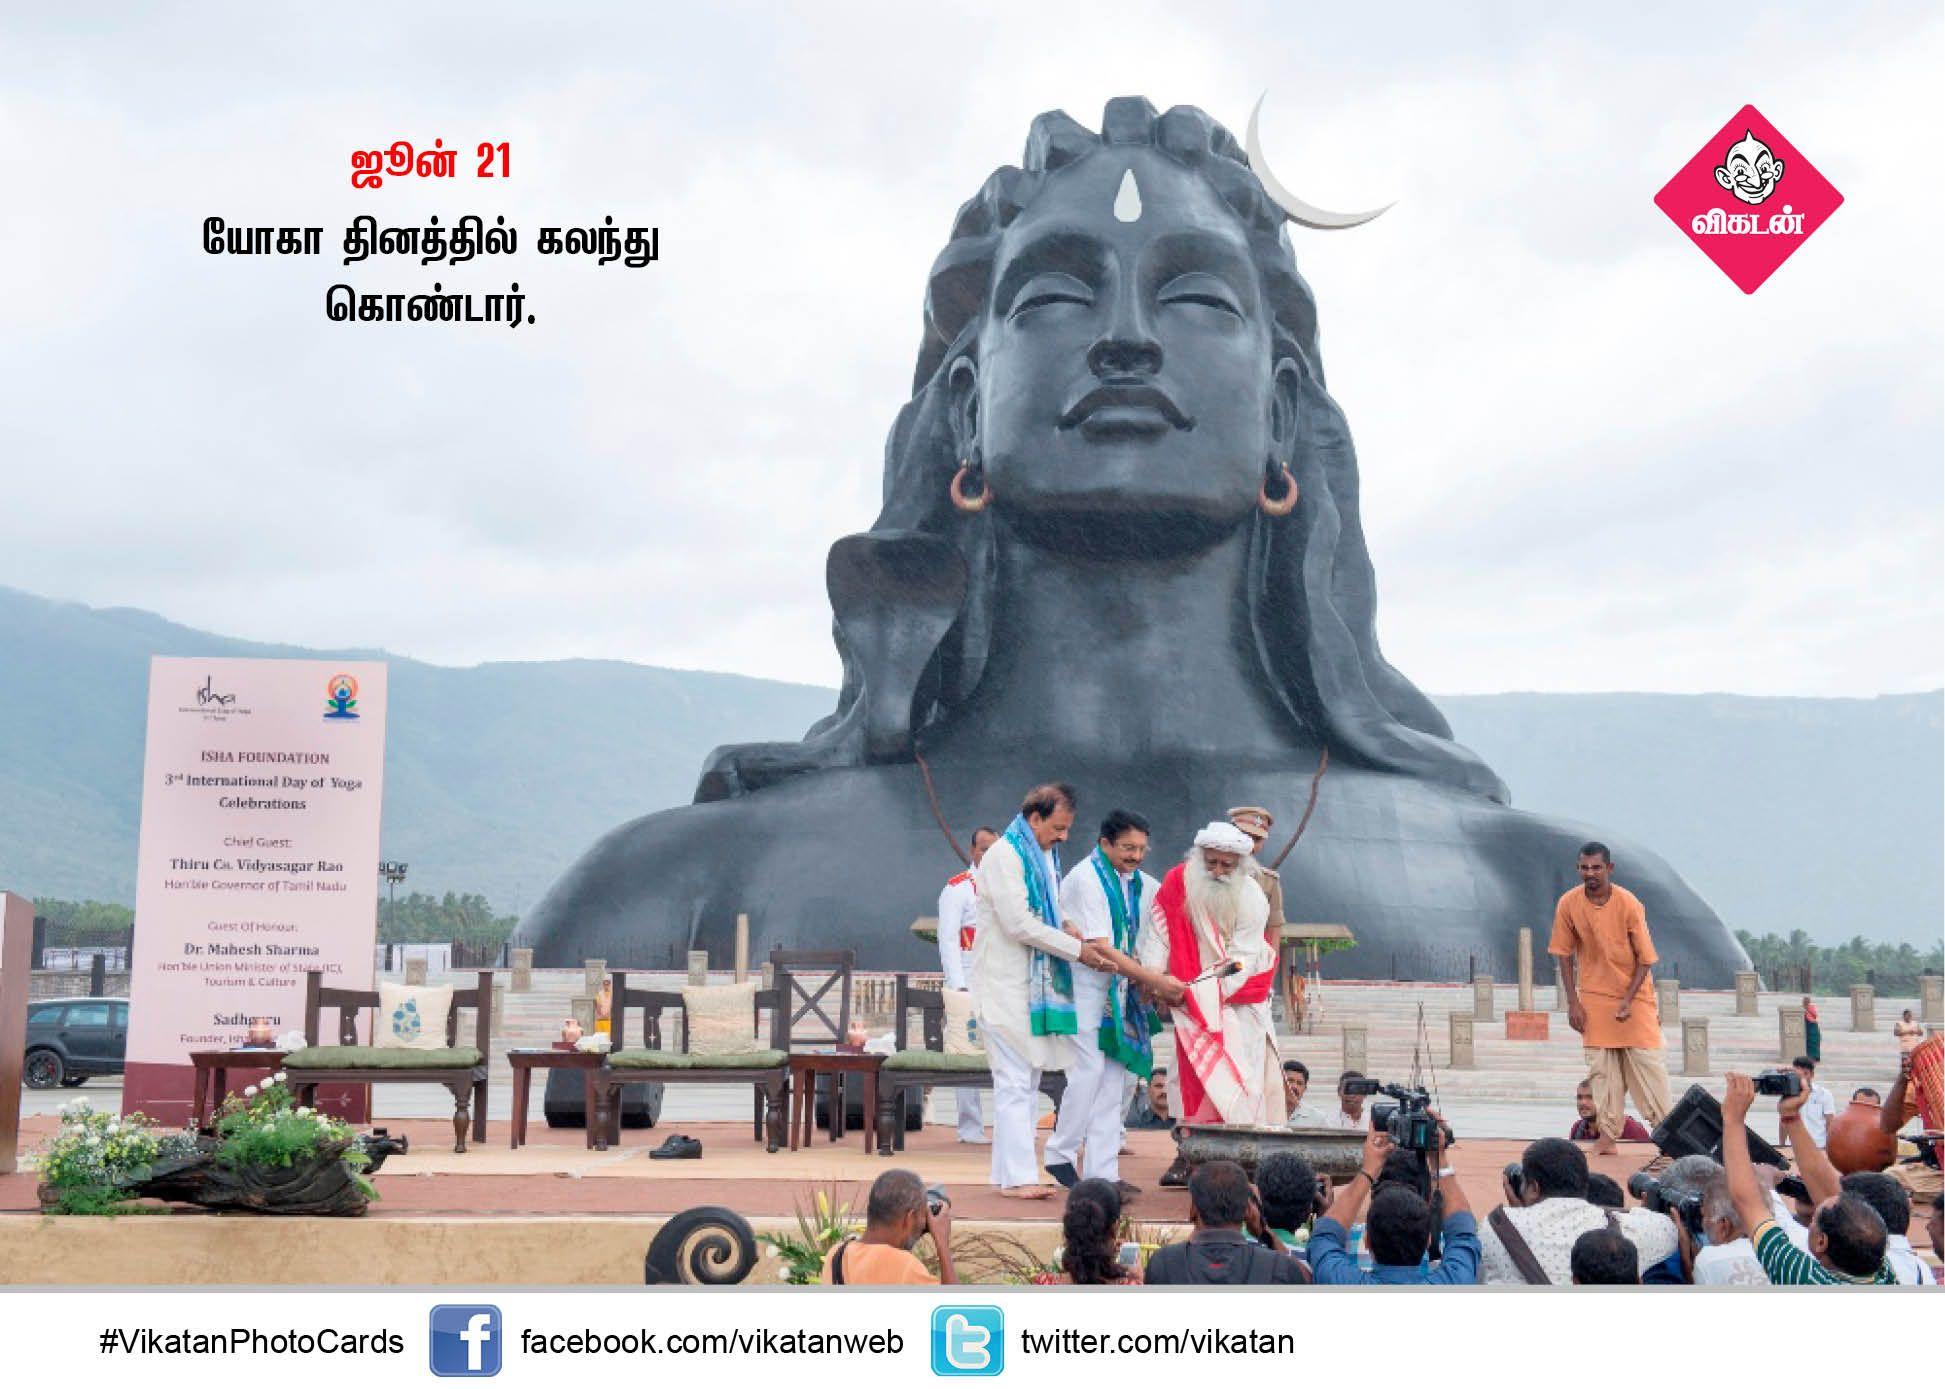 தமிழக ஆளுநராகி 365 நாட்கள்... என்ன செய்தார் வித்யாசாகர் ராவ்? #OneYearOfTNGovernor #VikatanPhotoStory